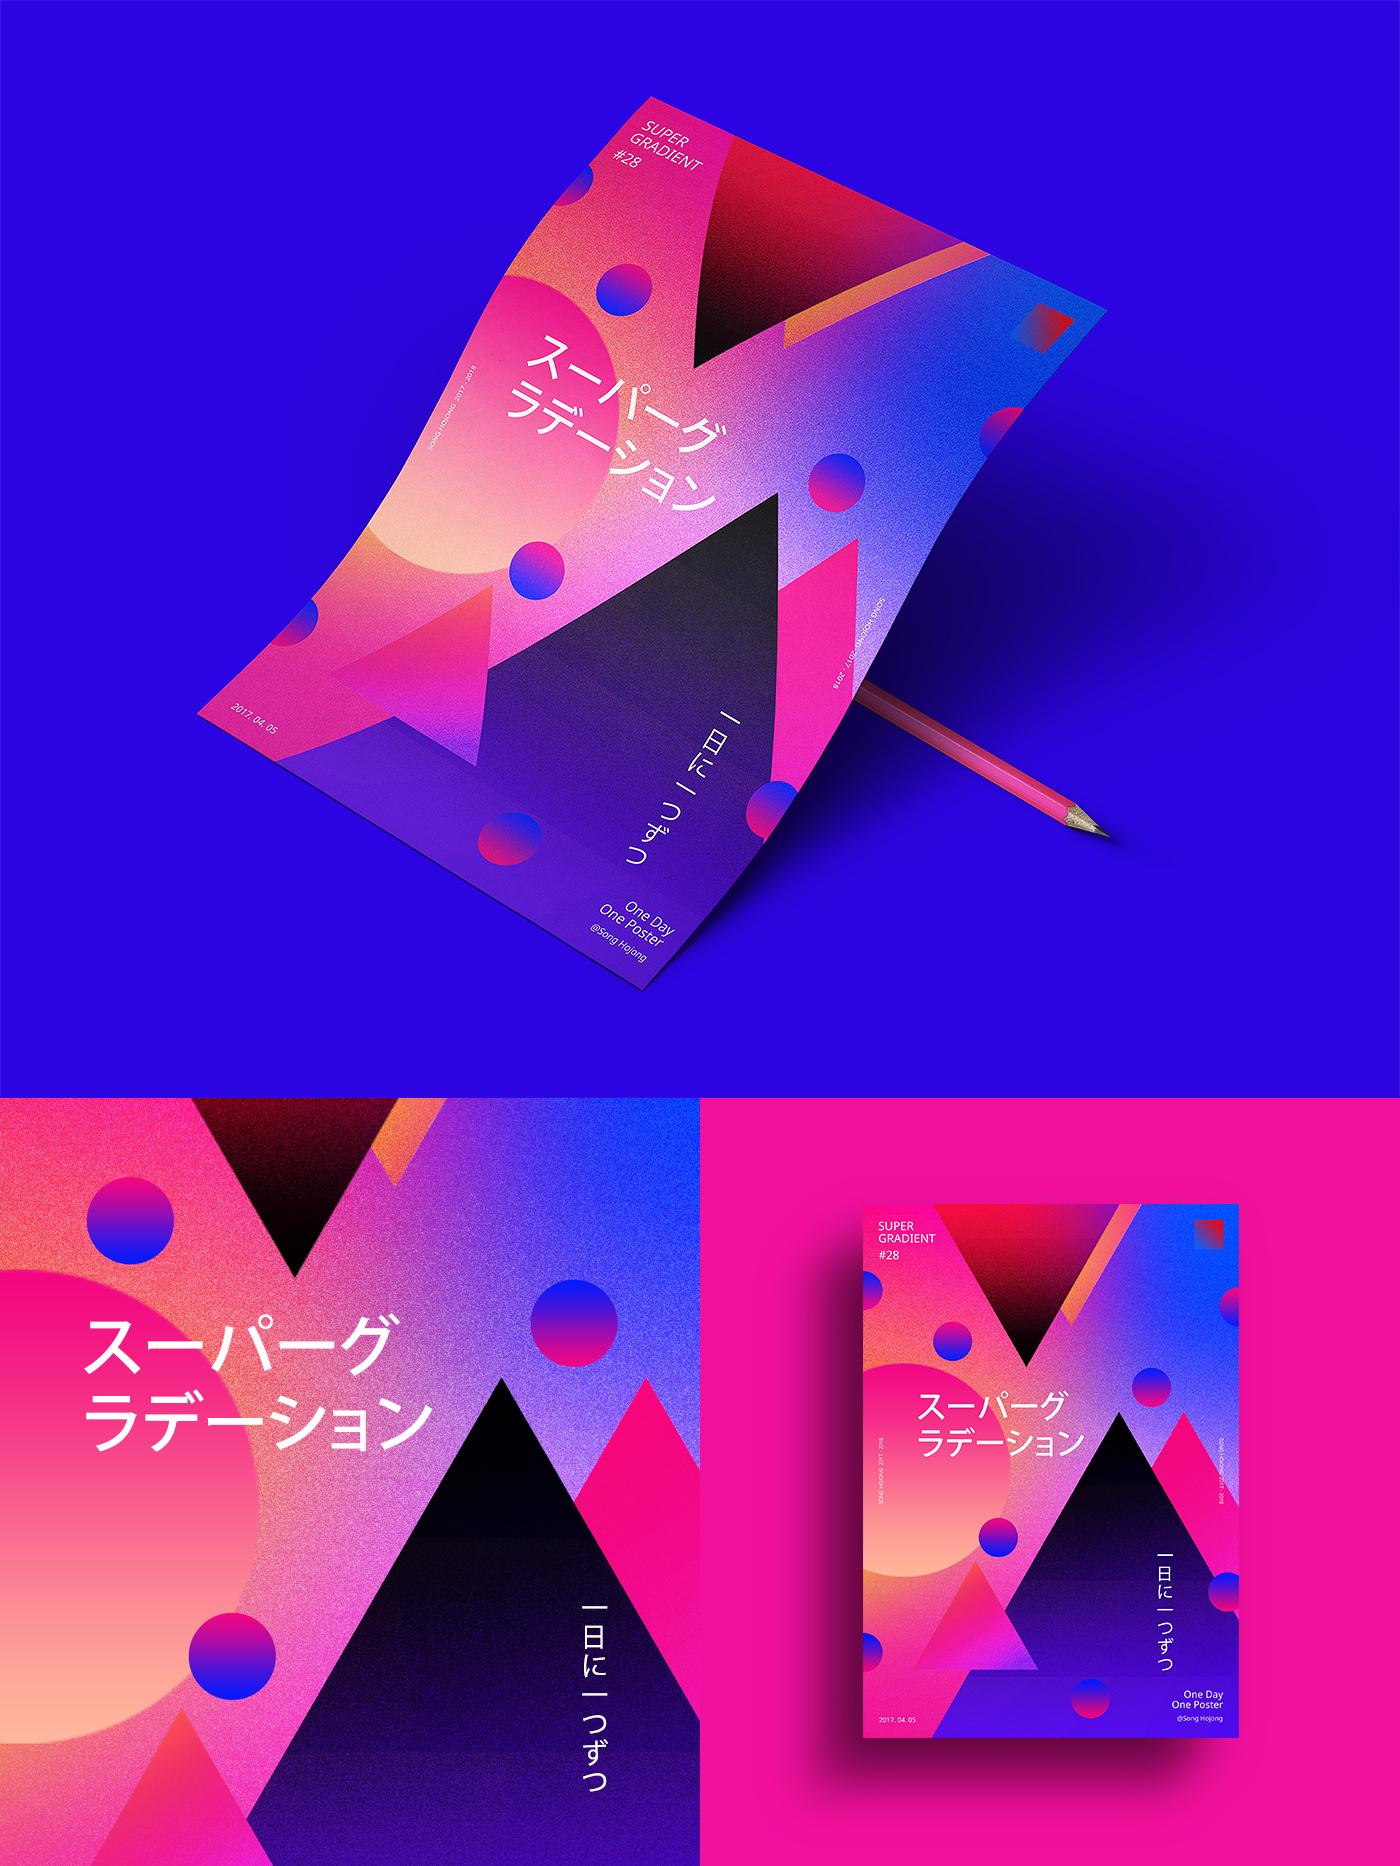 财经资讯_韩国设计师song hojong海报设计 - 视觉同盟(VisionUnion.com)